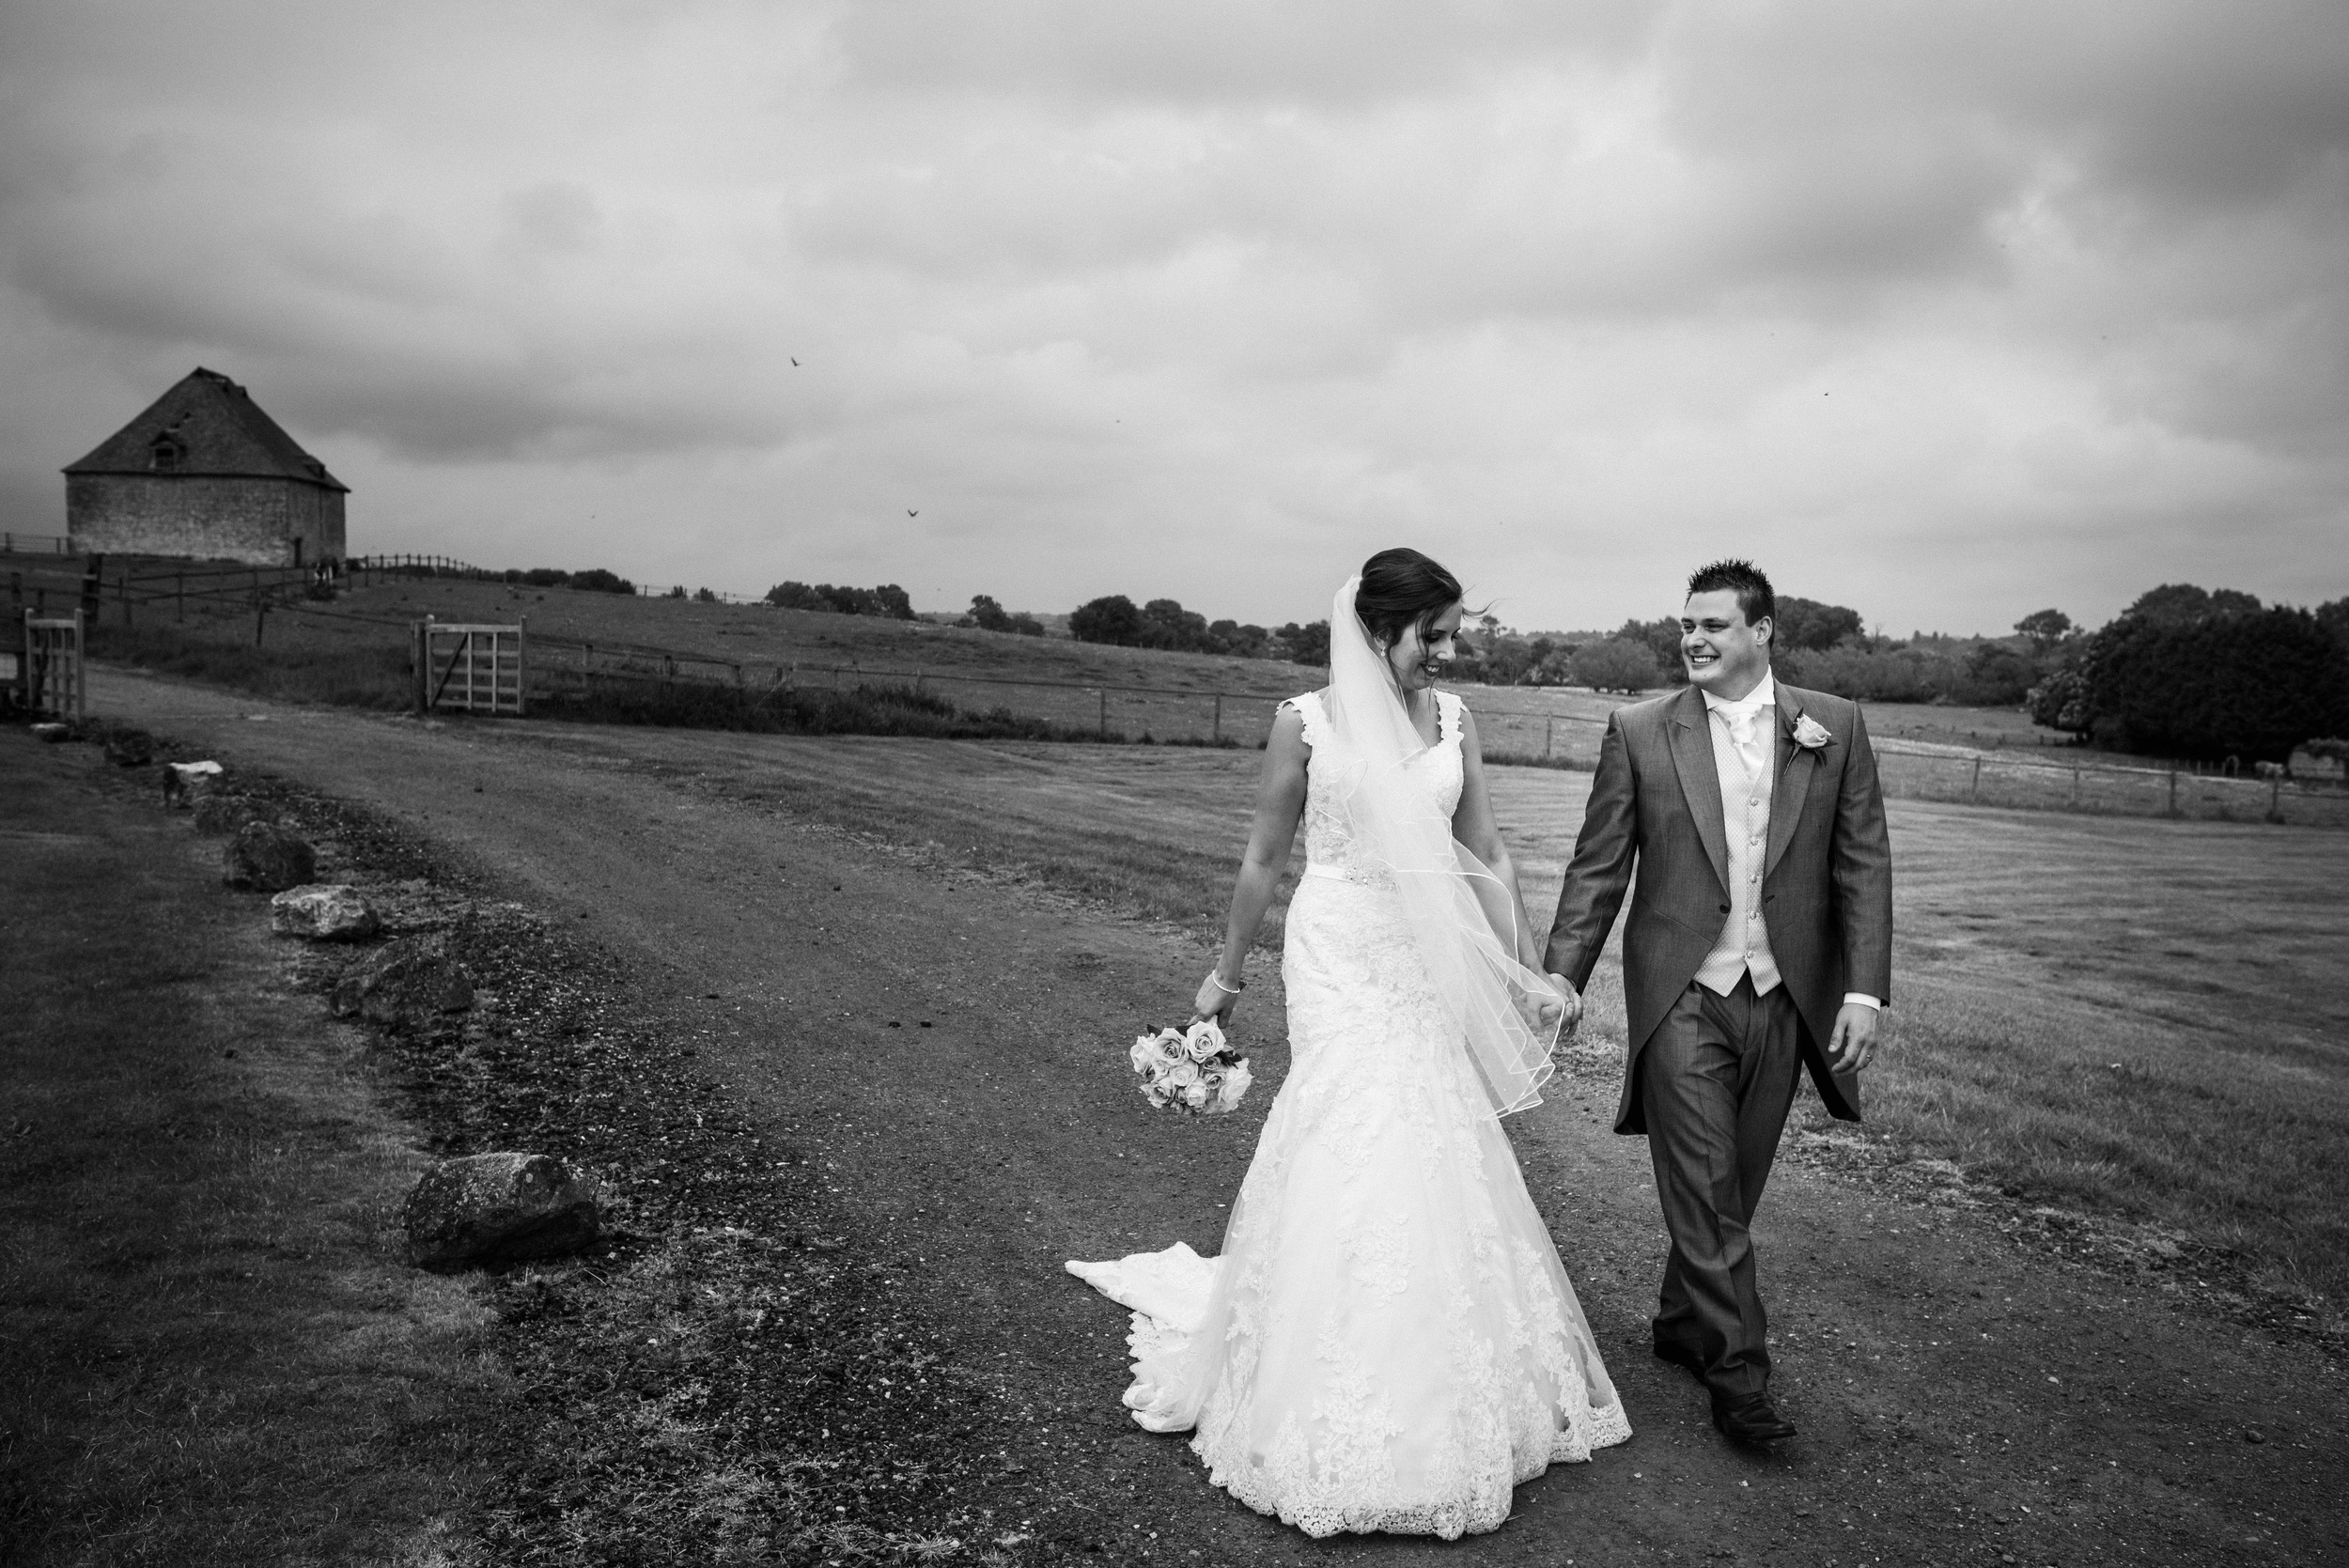 Notley tythe Barn - Kathryn & Paul-228.jpg